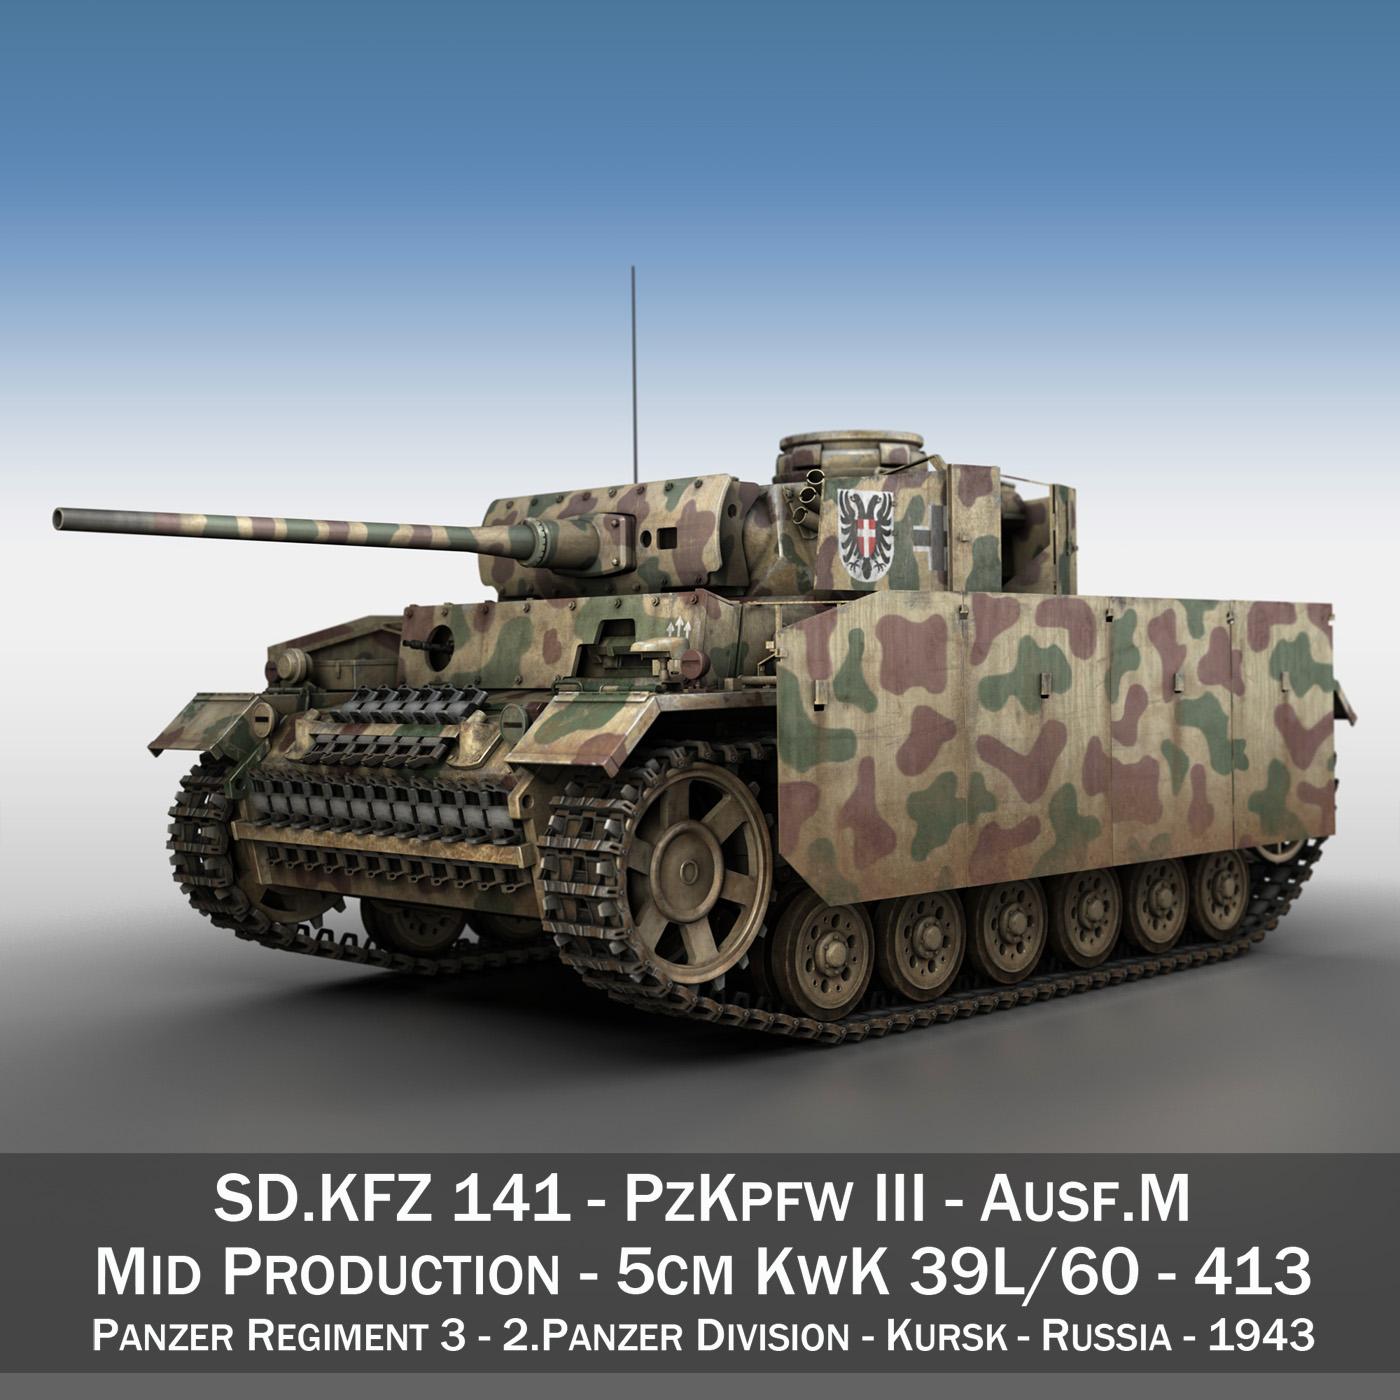 PzKpfw III - Panzer 3 - Ausf.M - 413 3d model 3ds c4d lwo lws lw obj 269364